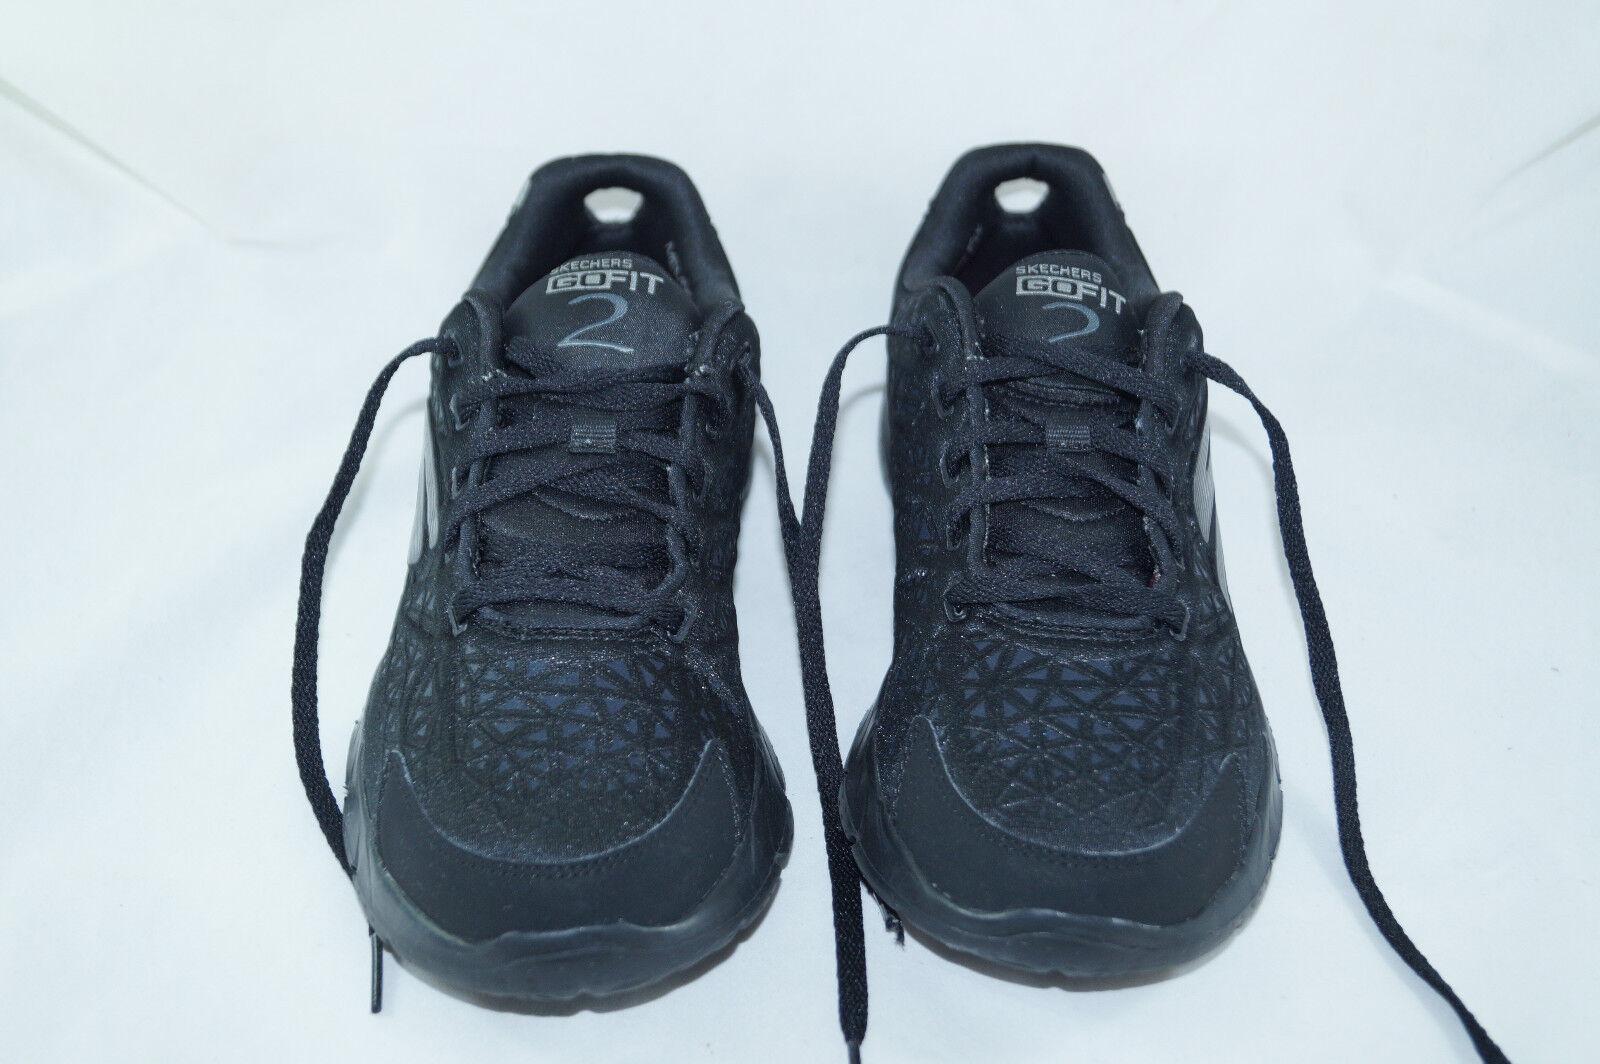 c05ee6f9d93 878627-602 Jordan Kobe 6bb5e0 Nike PG 1 1 1 University Red Size 12.5.  878627-602 Jordan Kobe 6bb5e0 ...